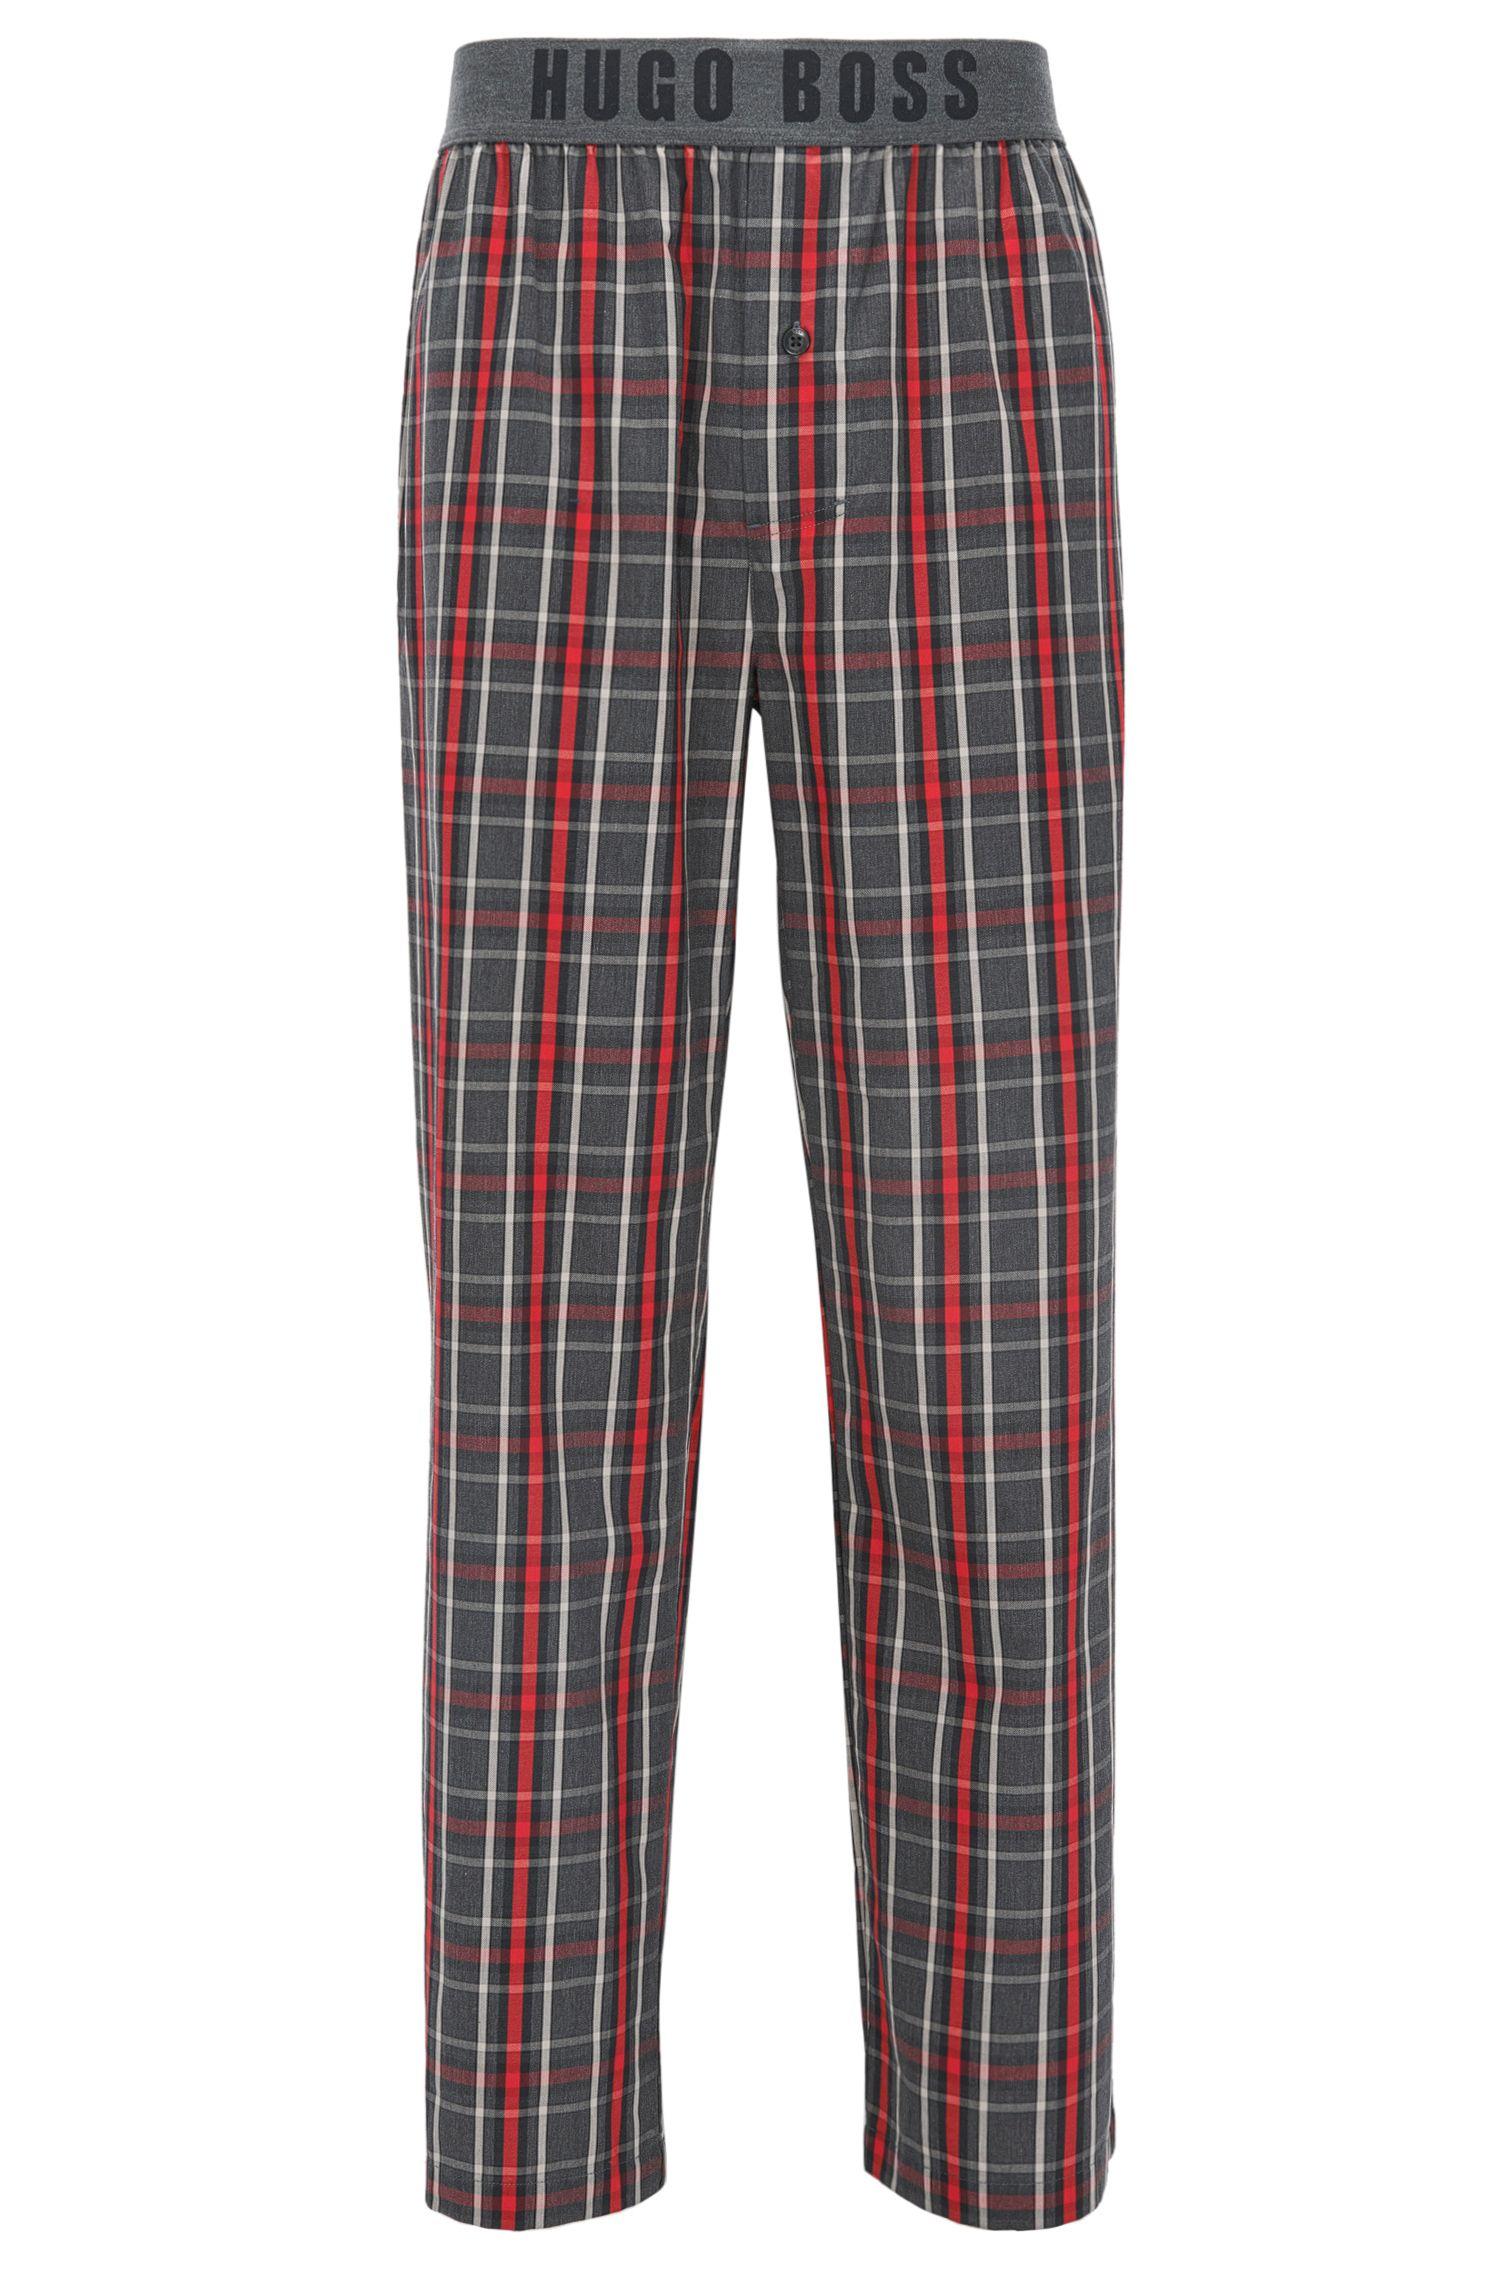 Pantalón de pijama a cuadros en sarga de algodón con cintura expuesta con logo